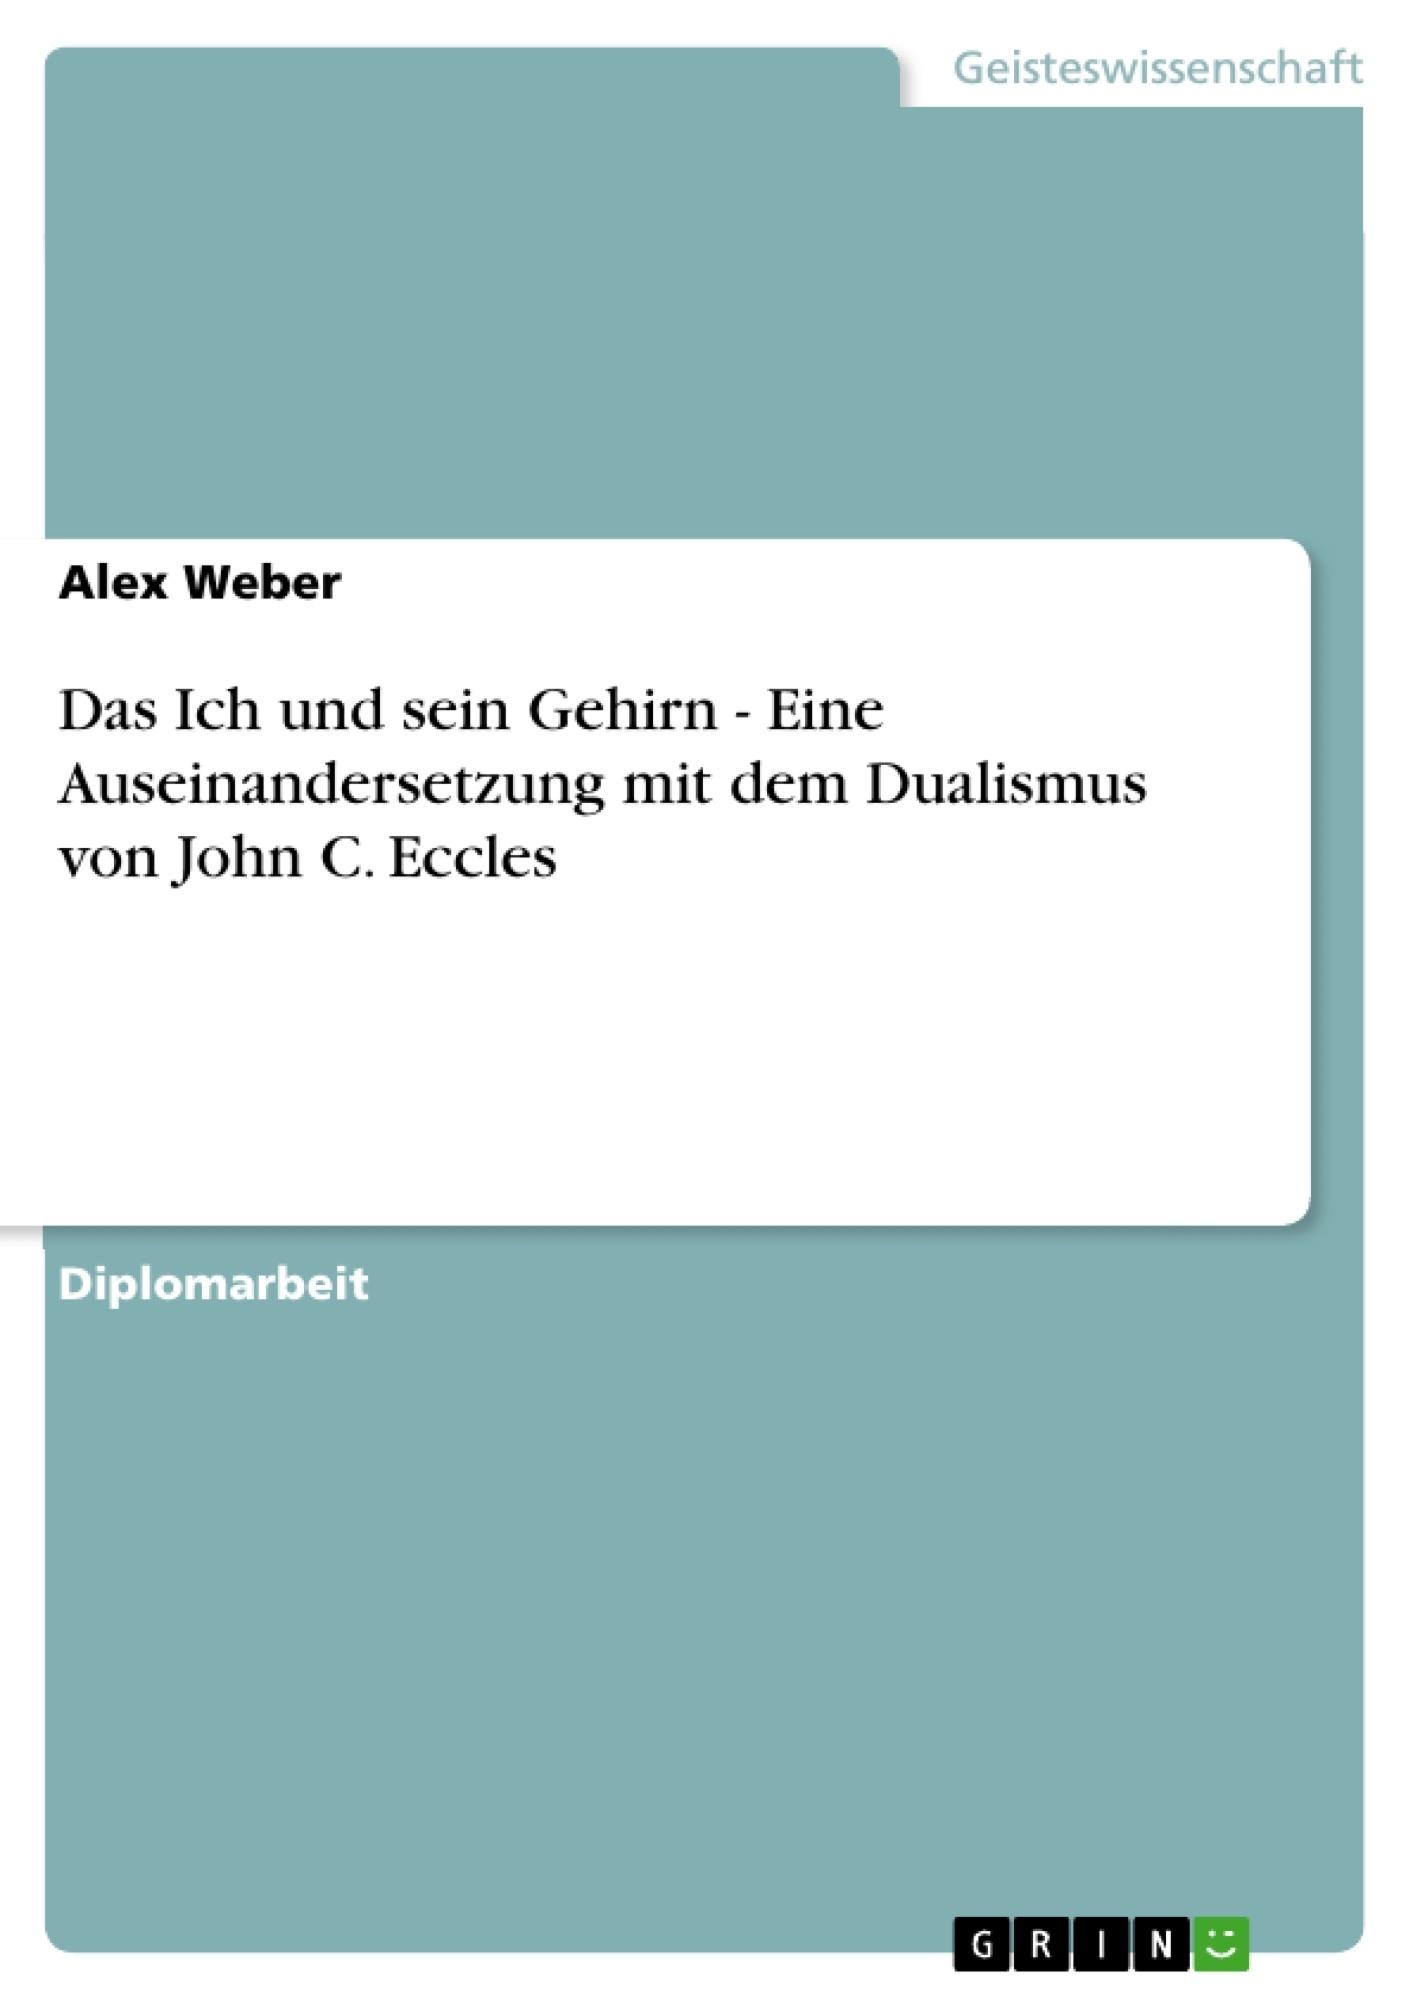 Titel: Das Ich und sein Gehirn - Eine Auseinandersetzung mit dem Dualismus von John C. Eccles